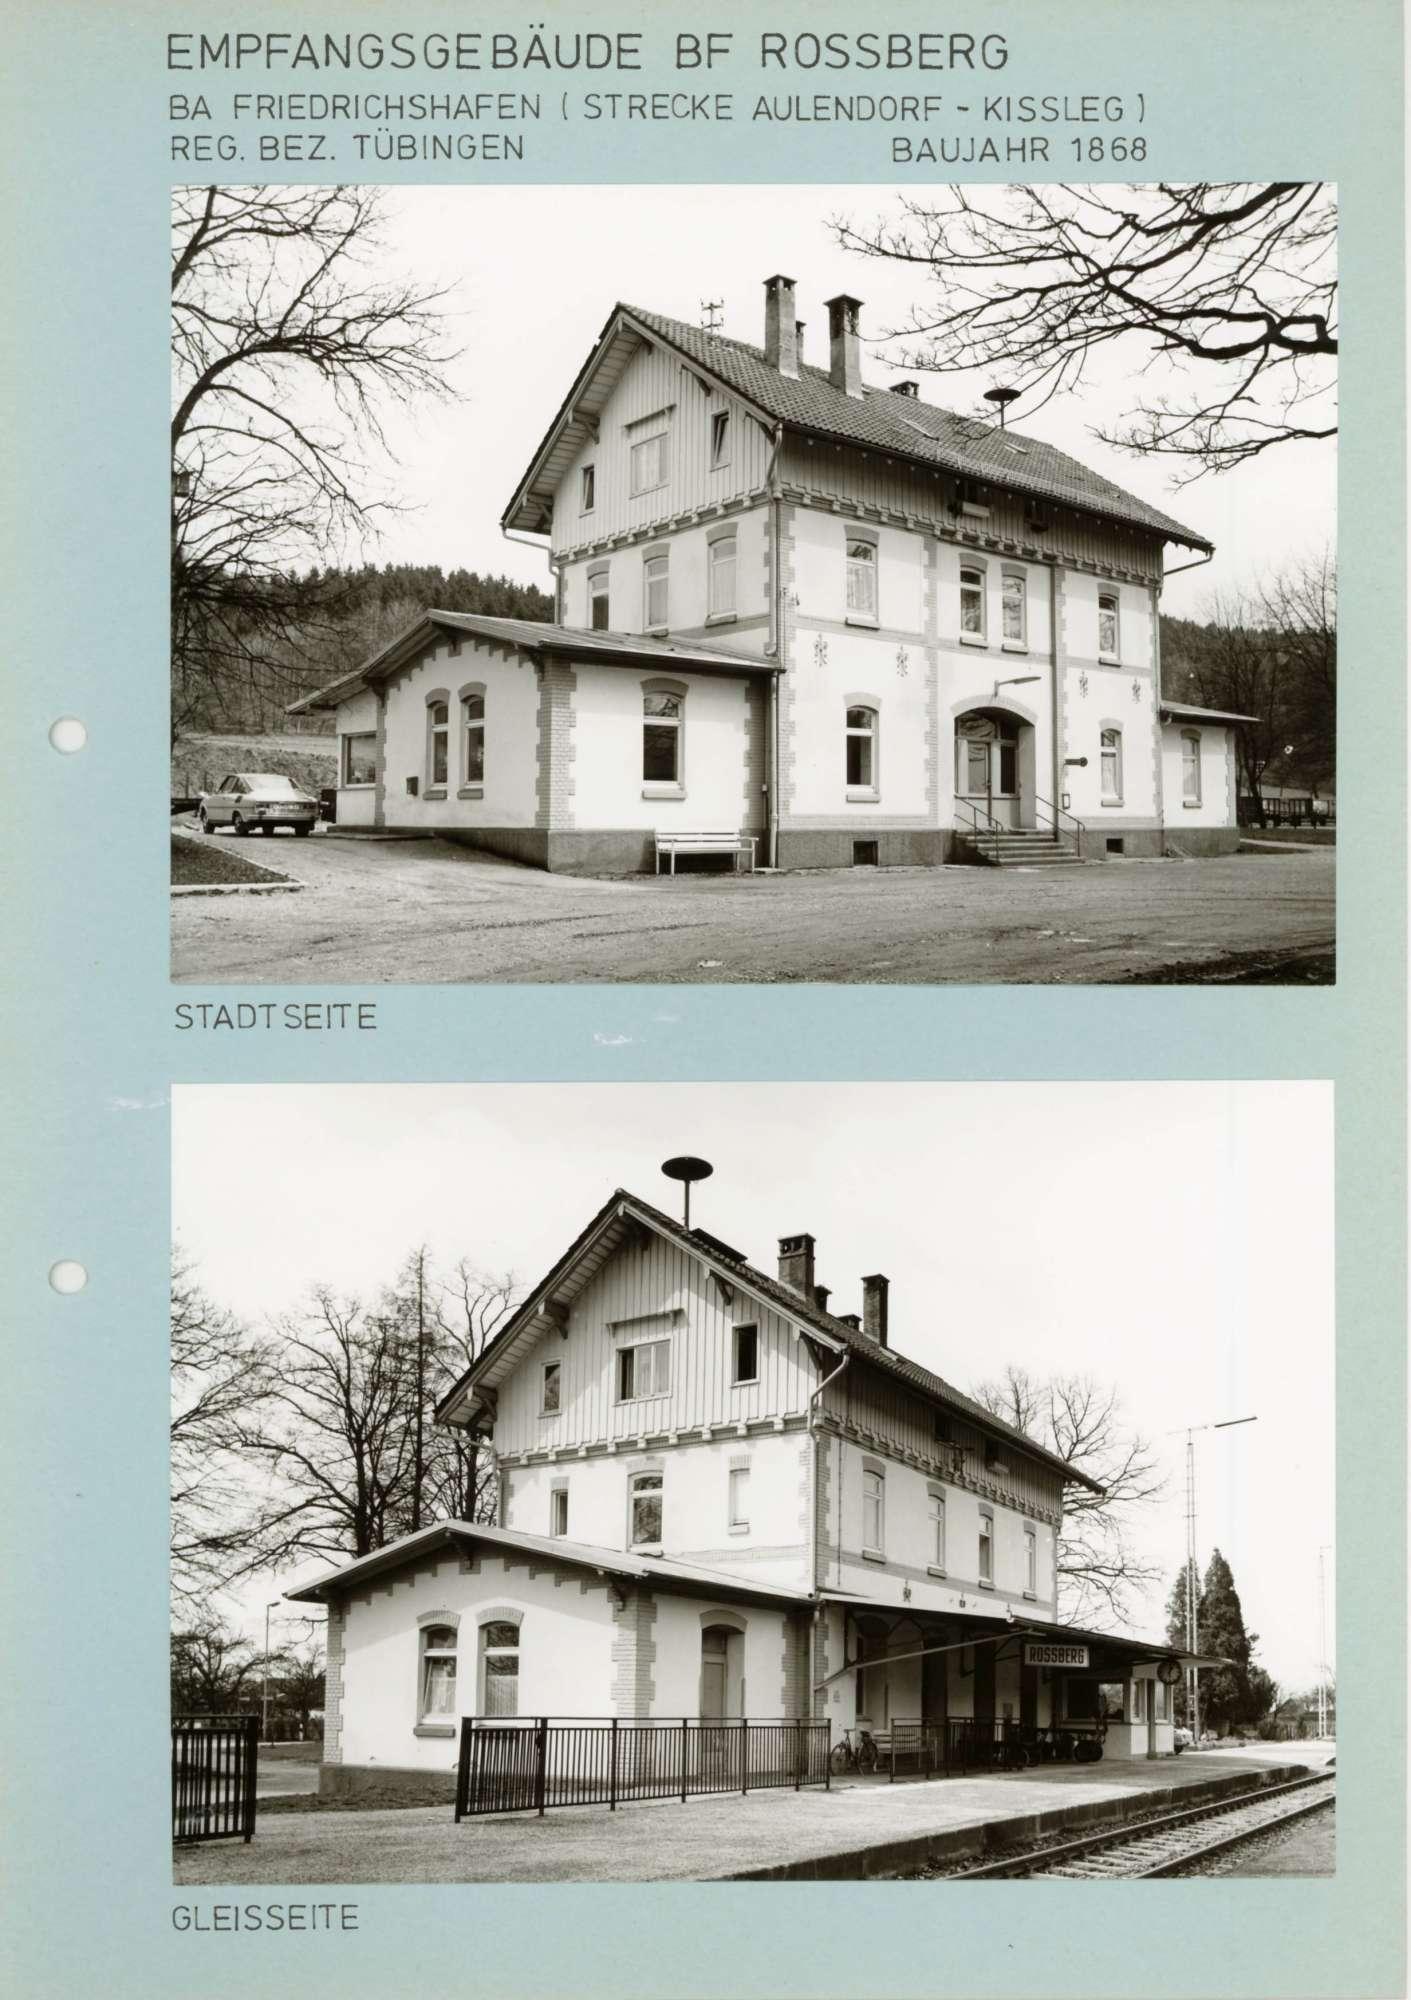 Roßberg: 6 Fotos, Bild 3